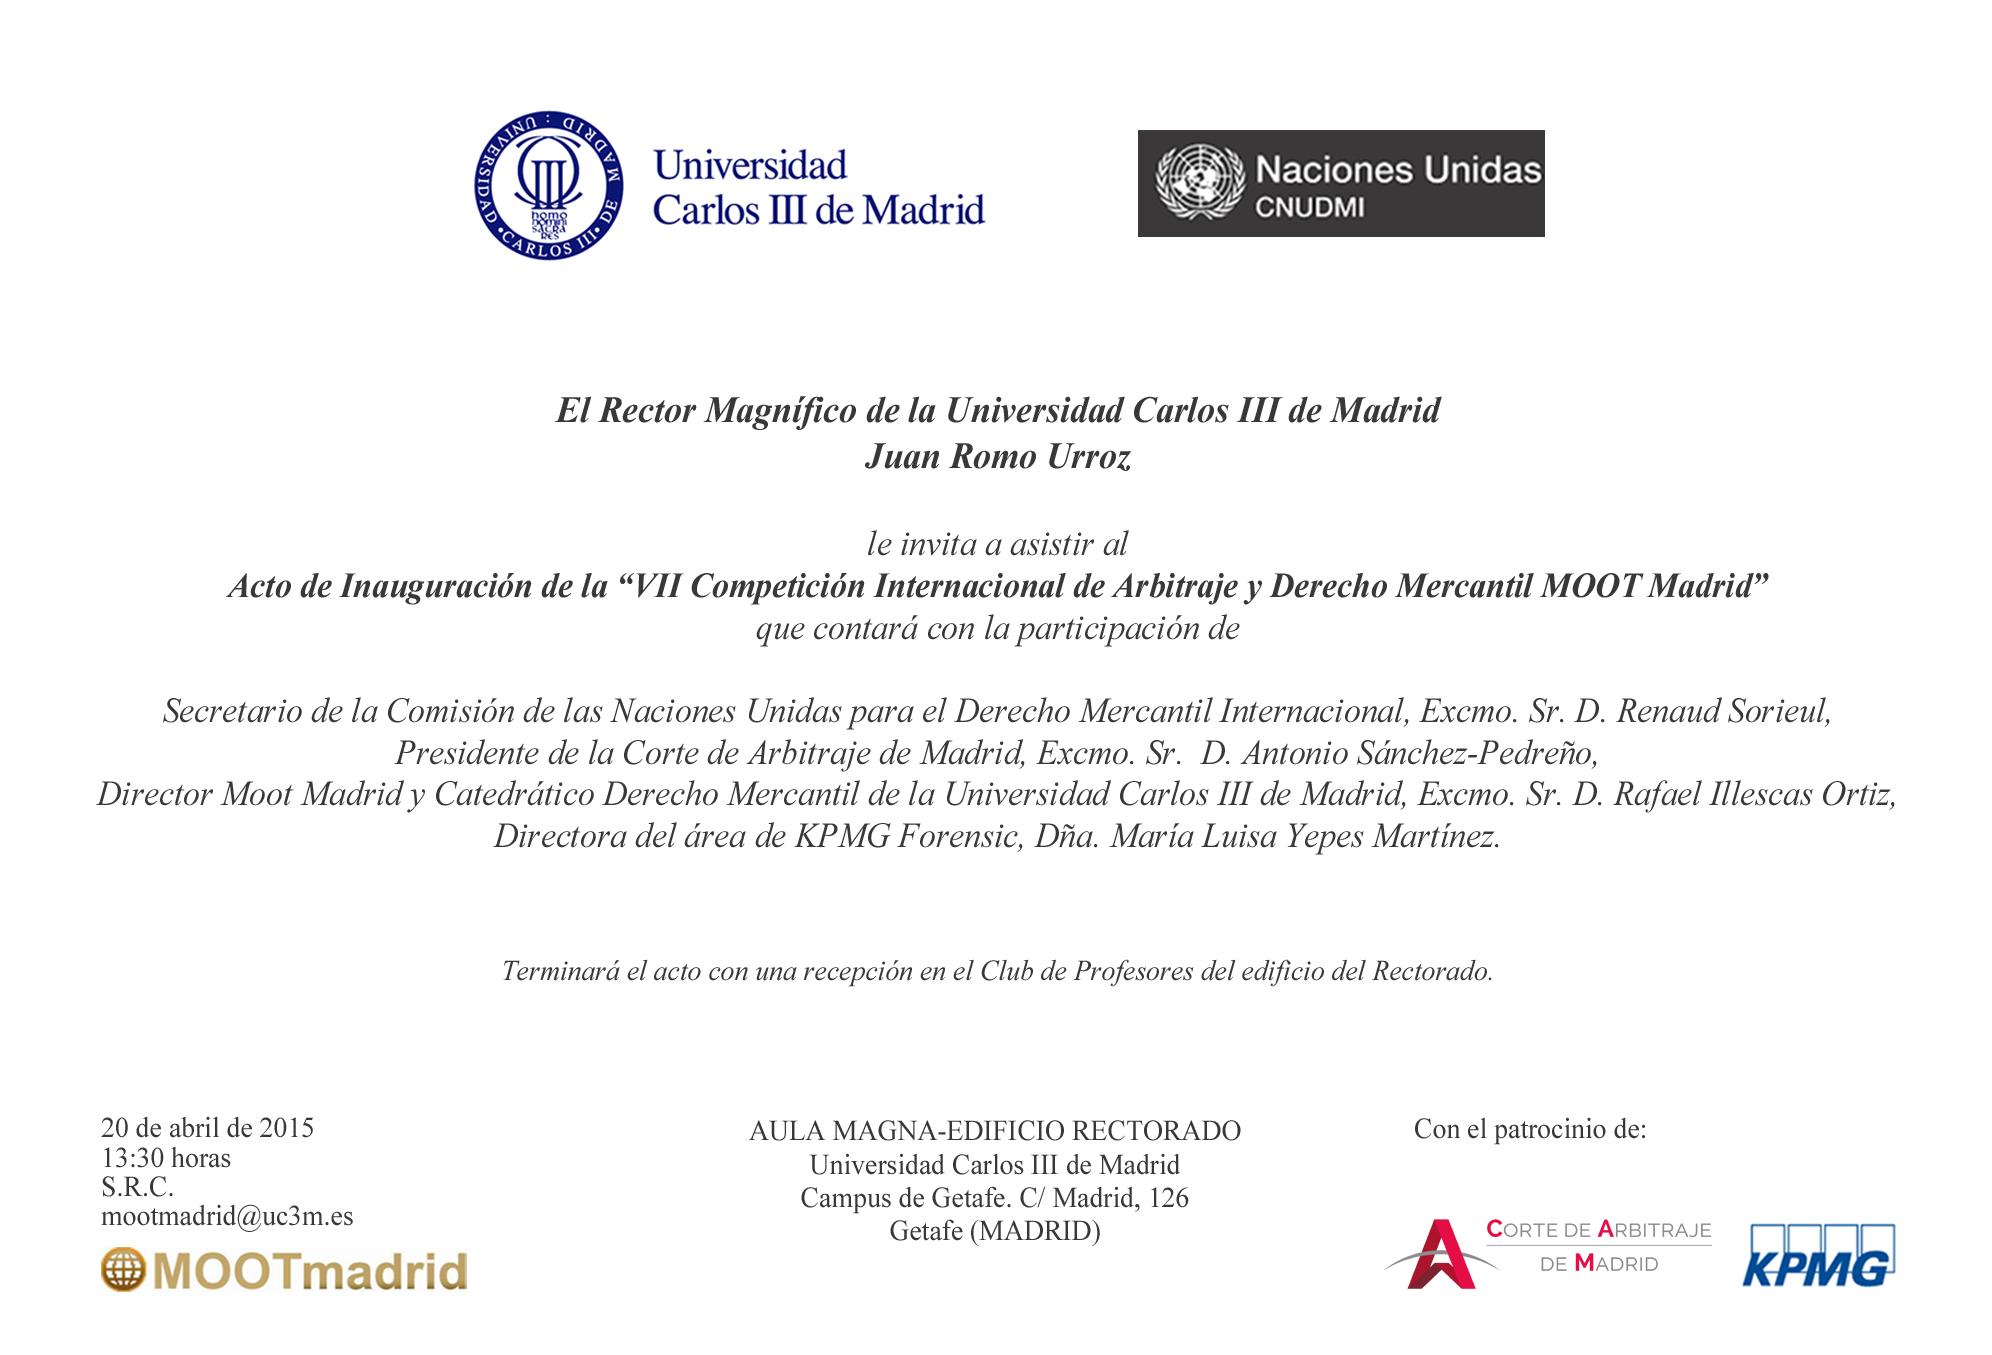 Acto inauguración Moot Madrid (20 abril 2015)